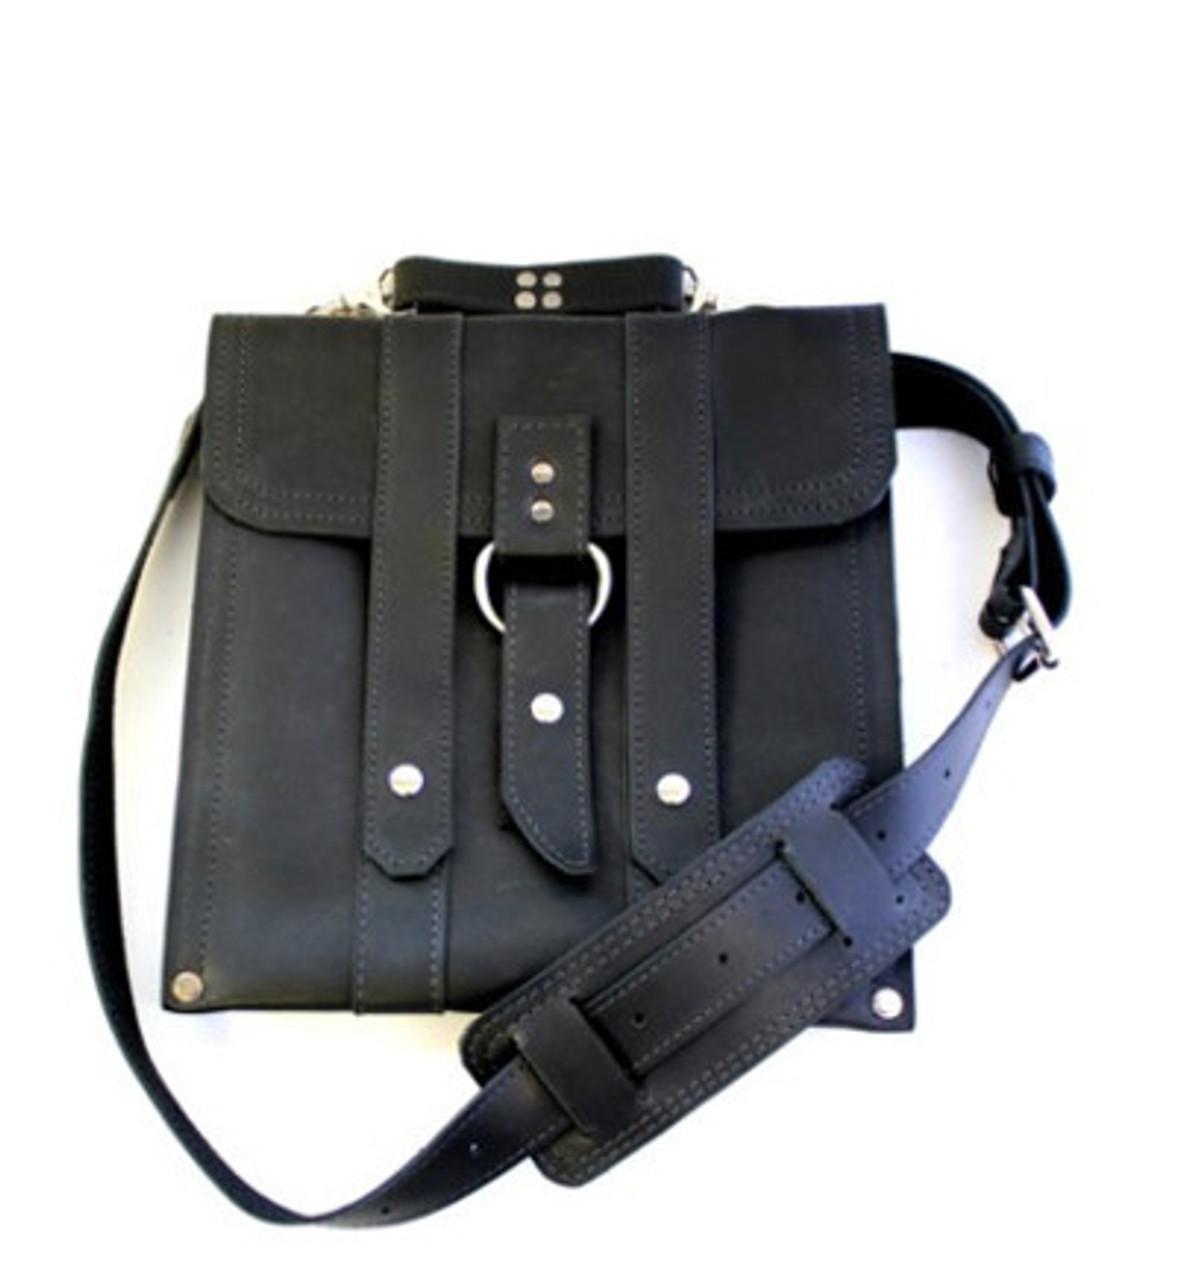 Slim 10 Baxter Messenger Ipad Tablet Bag In Black Leather